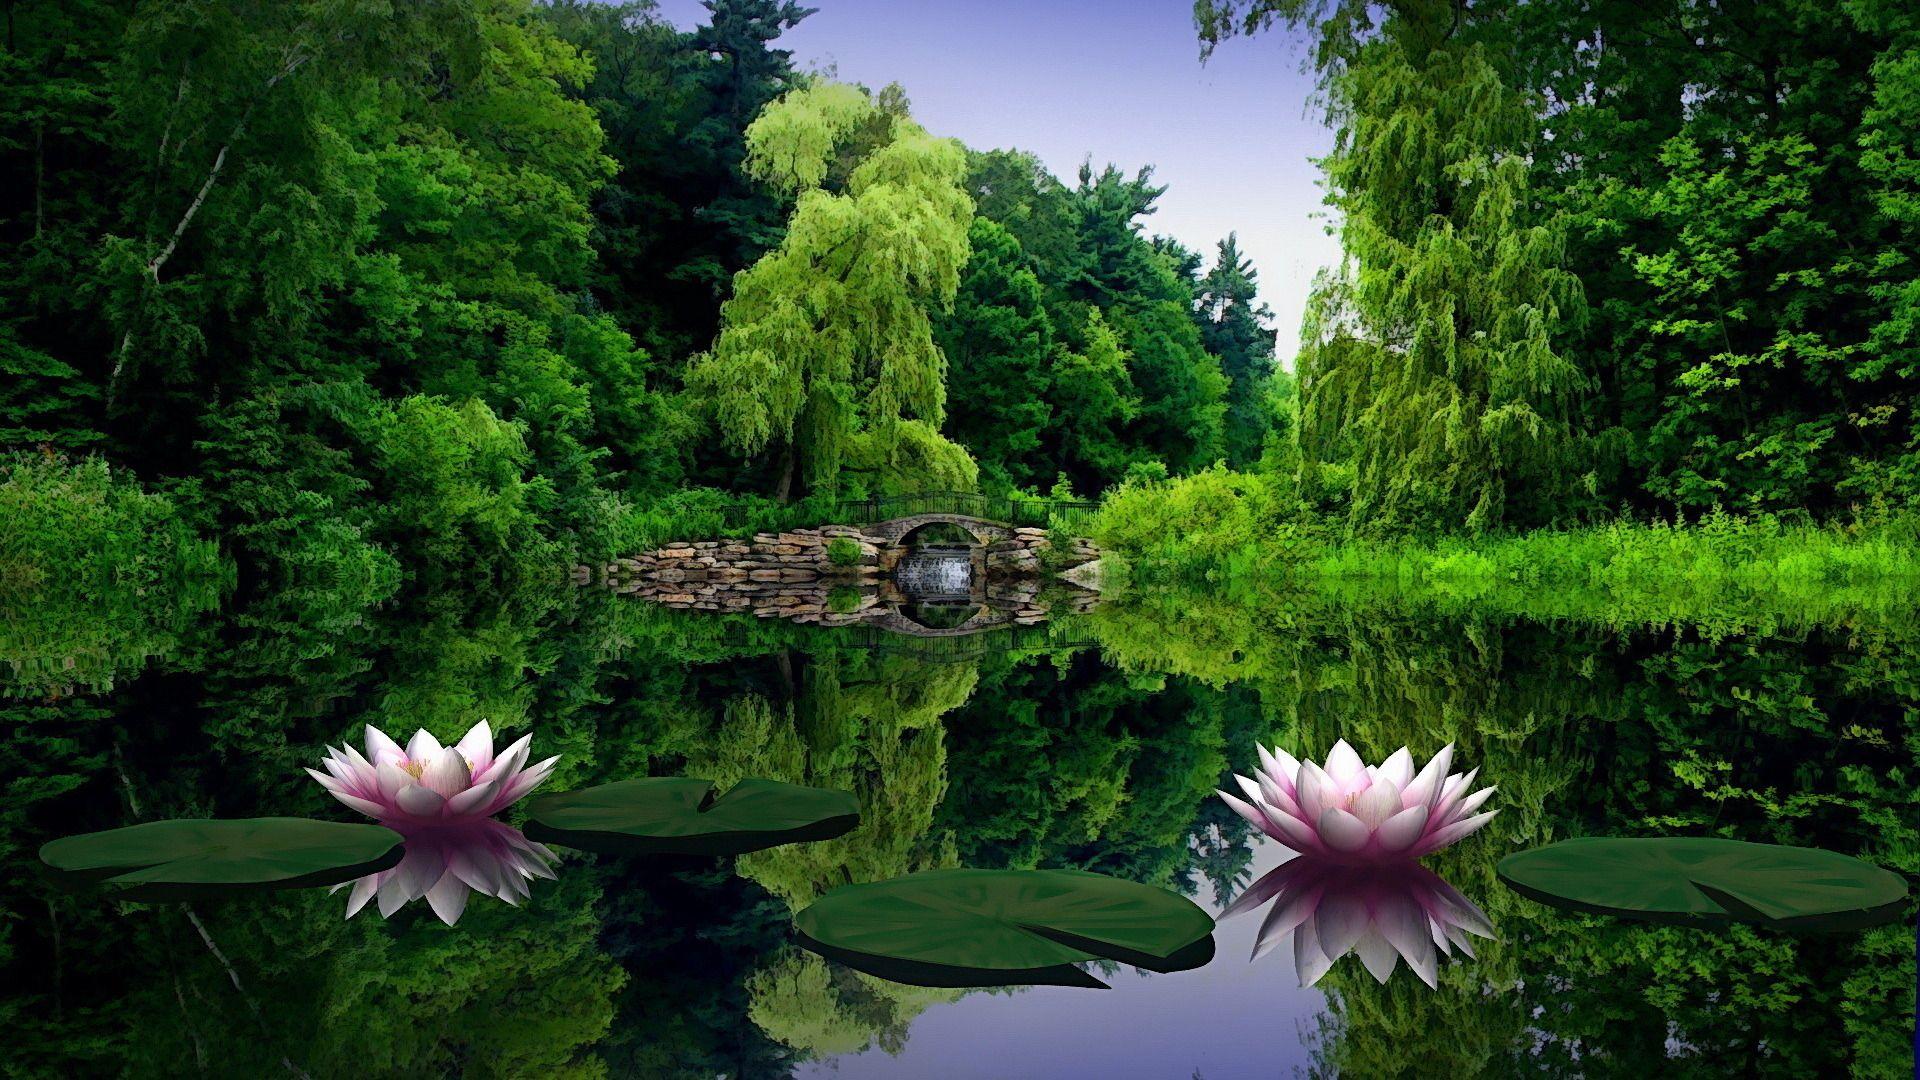 Amazing Lotus Lake Wallpaper Nature Desktop Green Nature Green Nature Wallpaper